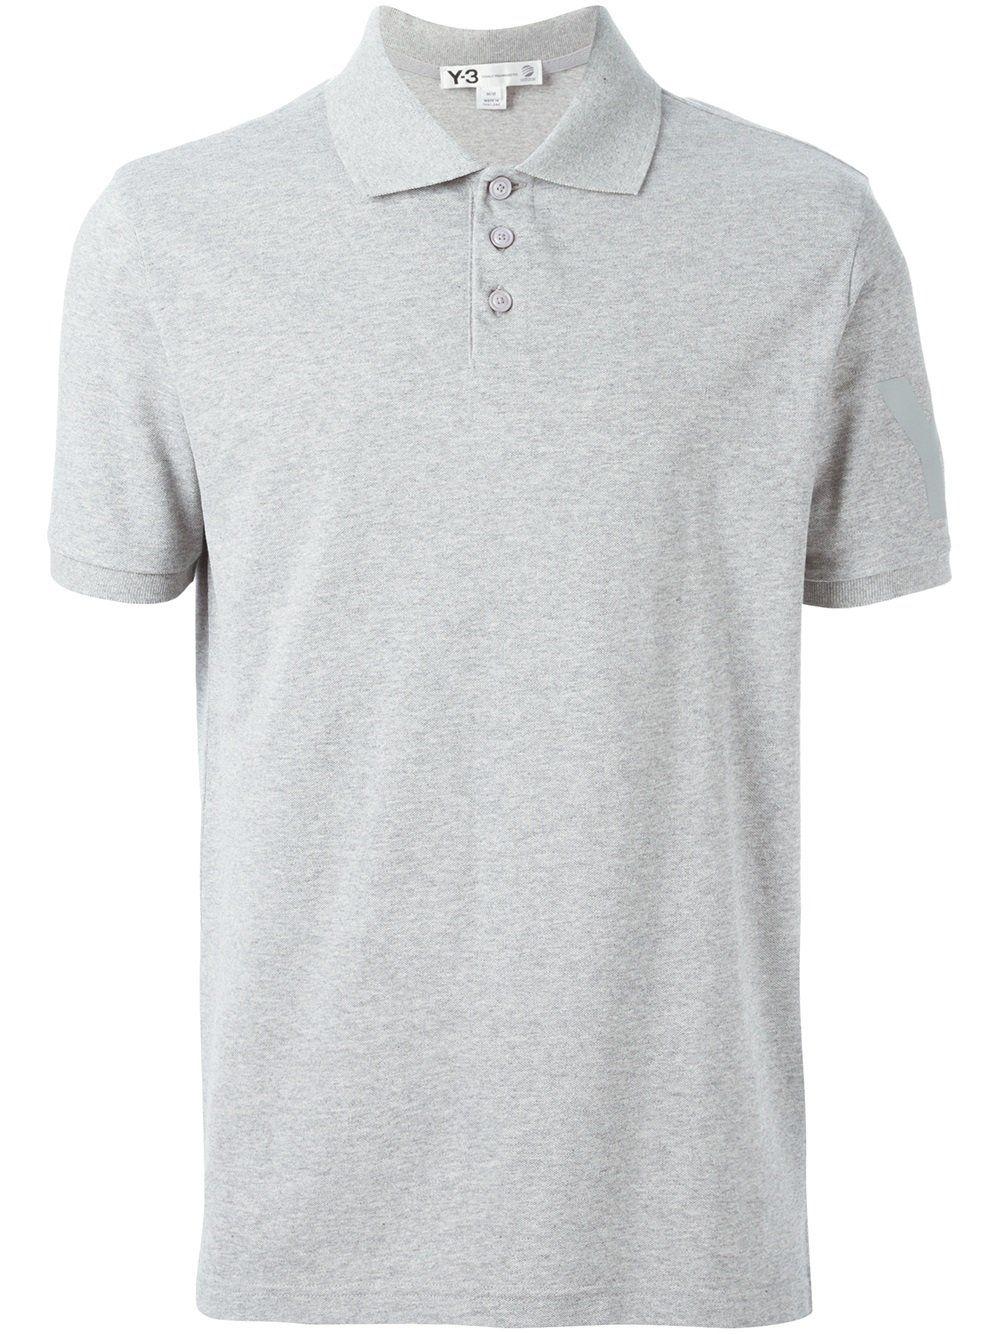 663bdb1bf Y3 Classic Polo Shirt